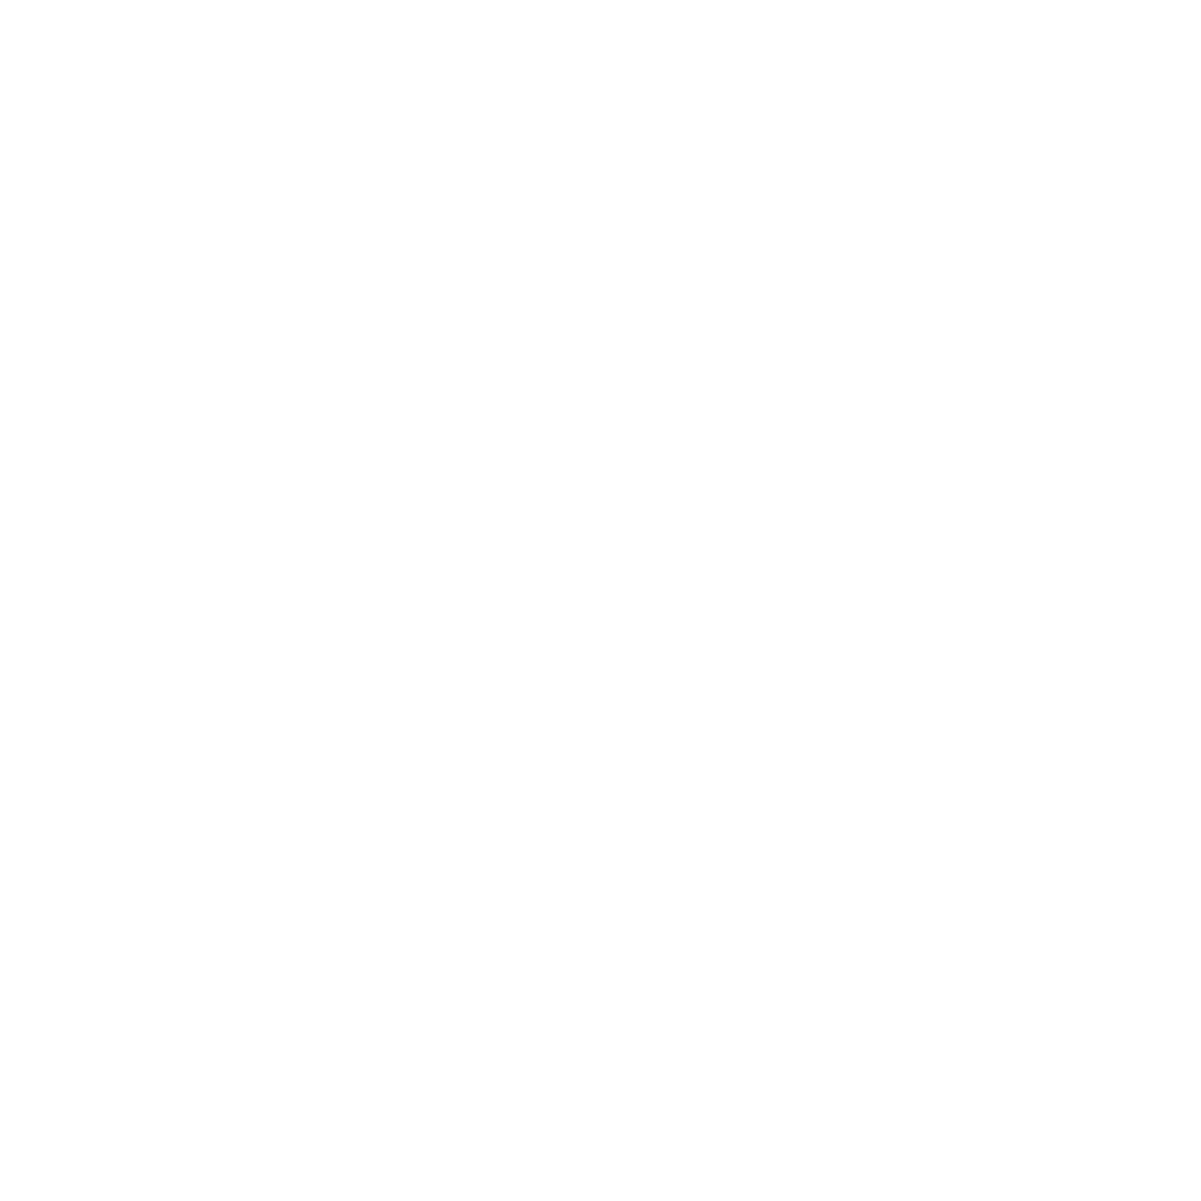 AbelChiropractic_Logo_Main_White.png